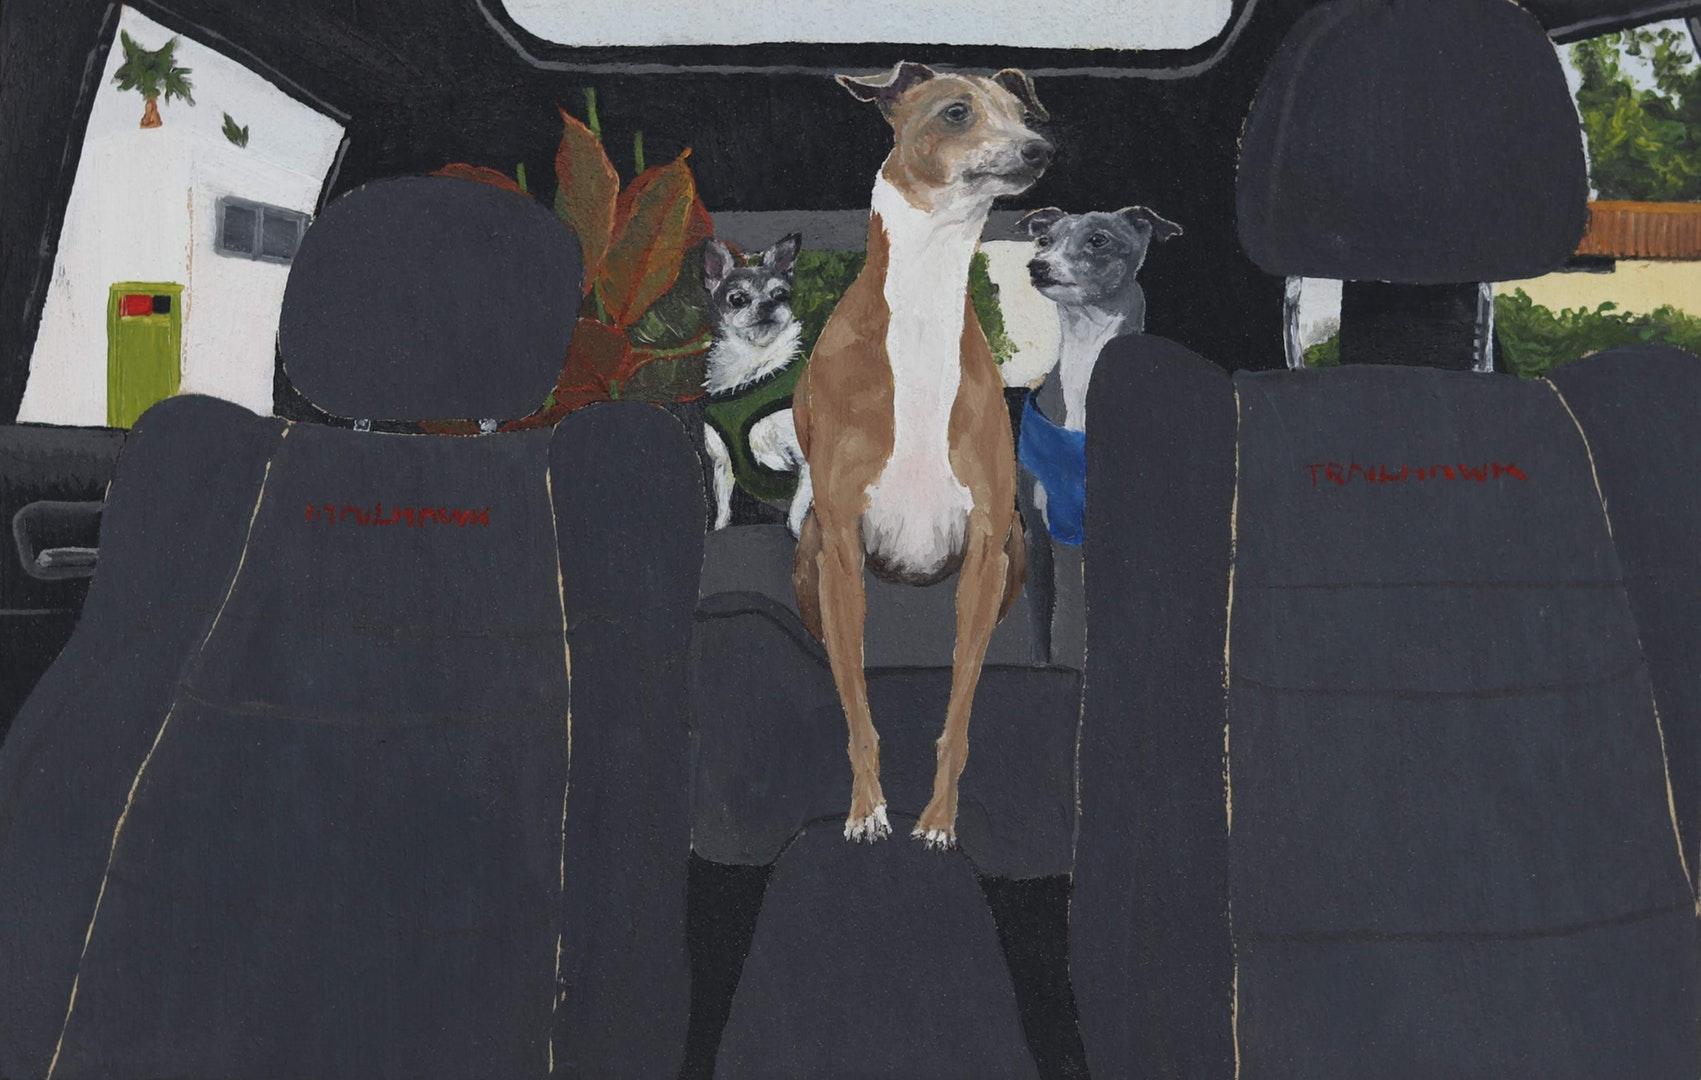 Maddy Buttling. Acheter mes chiens tout ce qu'ils touchent. Liste longue JPP 2020